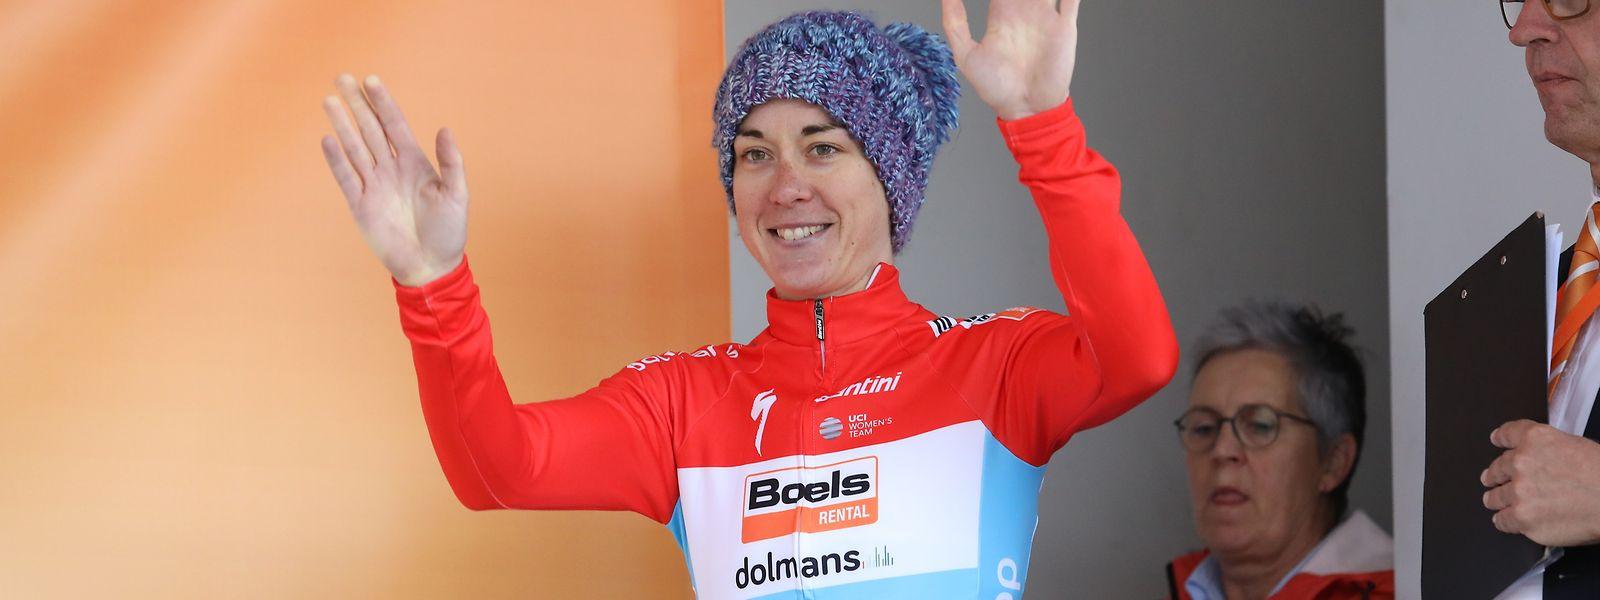 Christine Majerus sur la plus haute marche du podium. Une première sur une course à étapes du WorldTour.